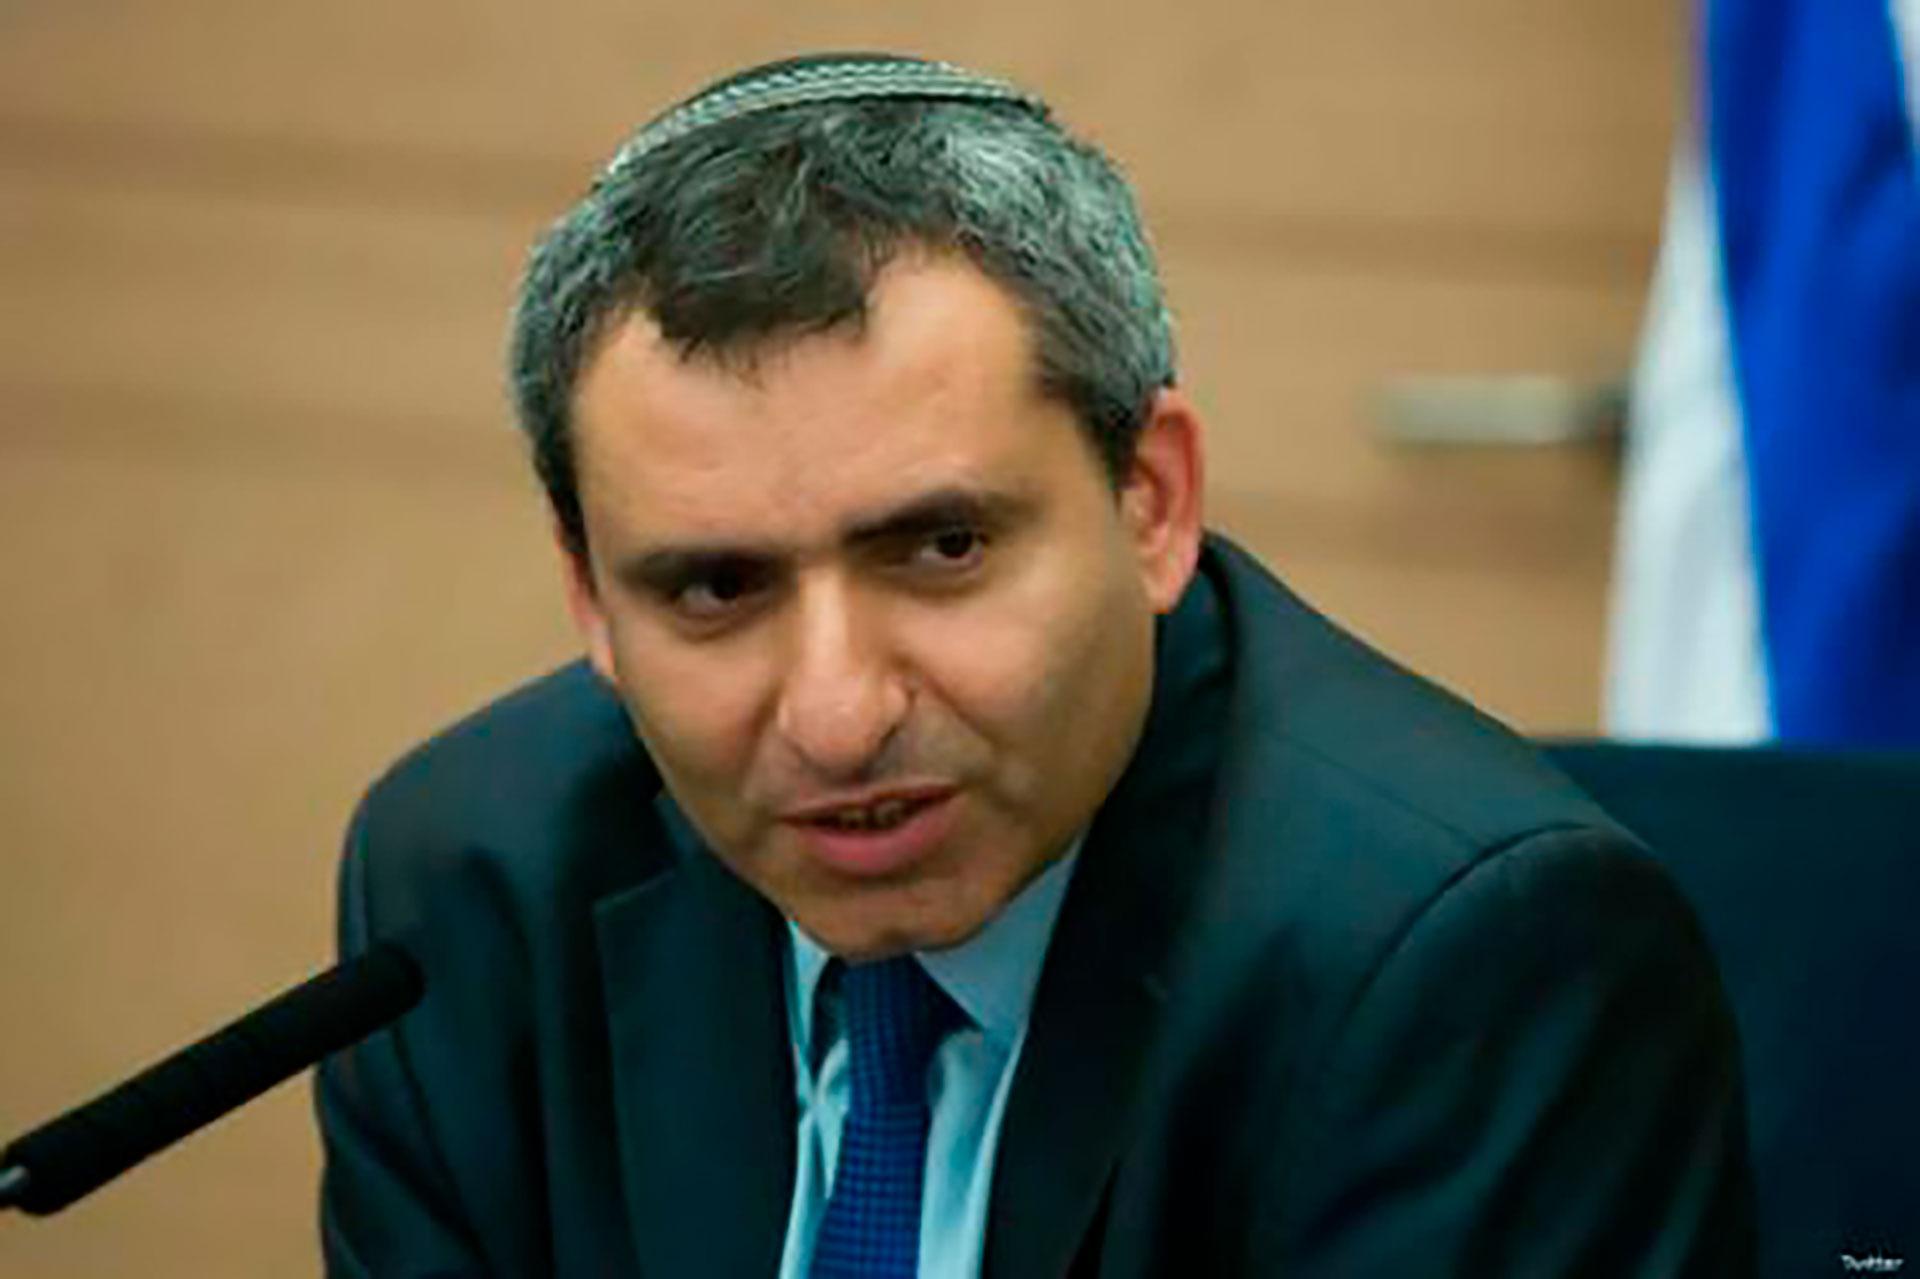 israel-trekt-in-brussel-ten-strijde-tegen-europese-burgerrechten-8211-the-rights-forum